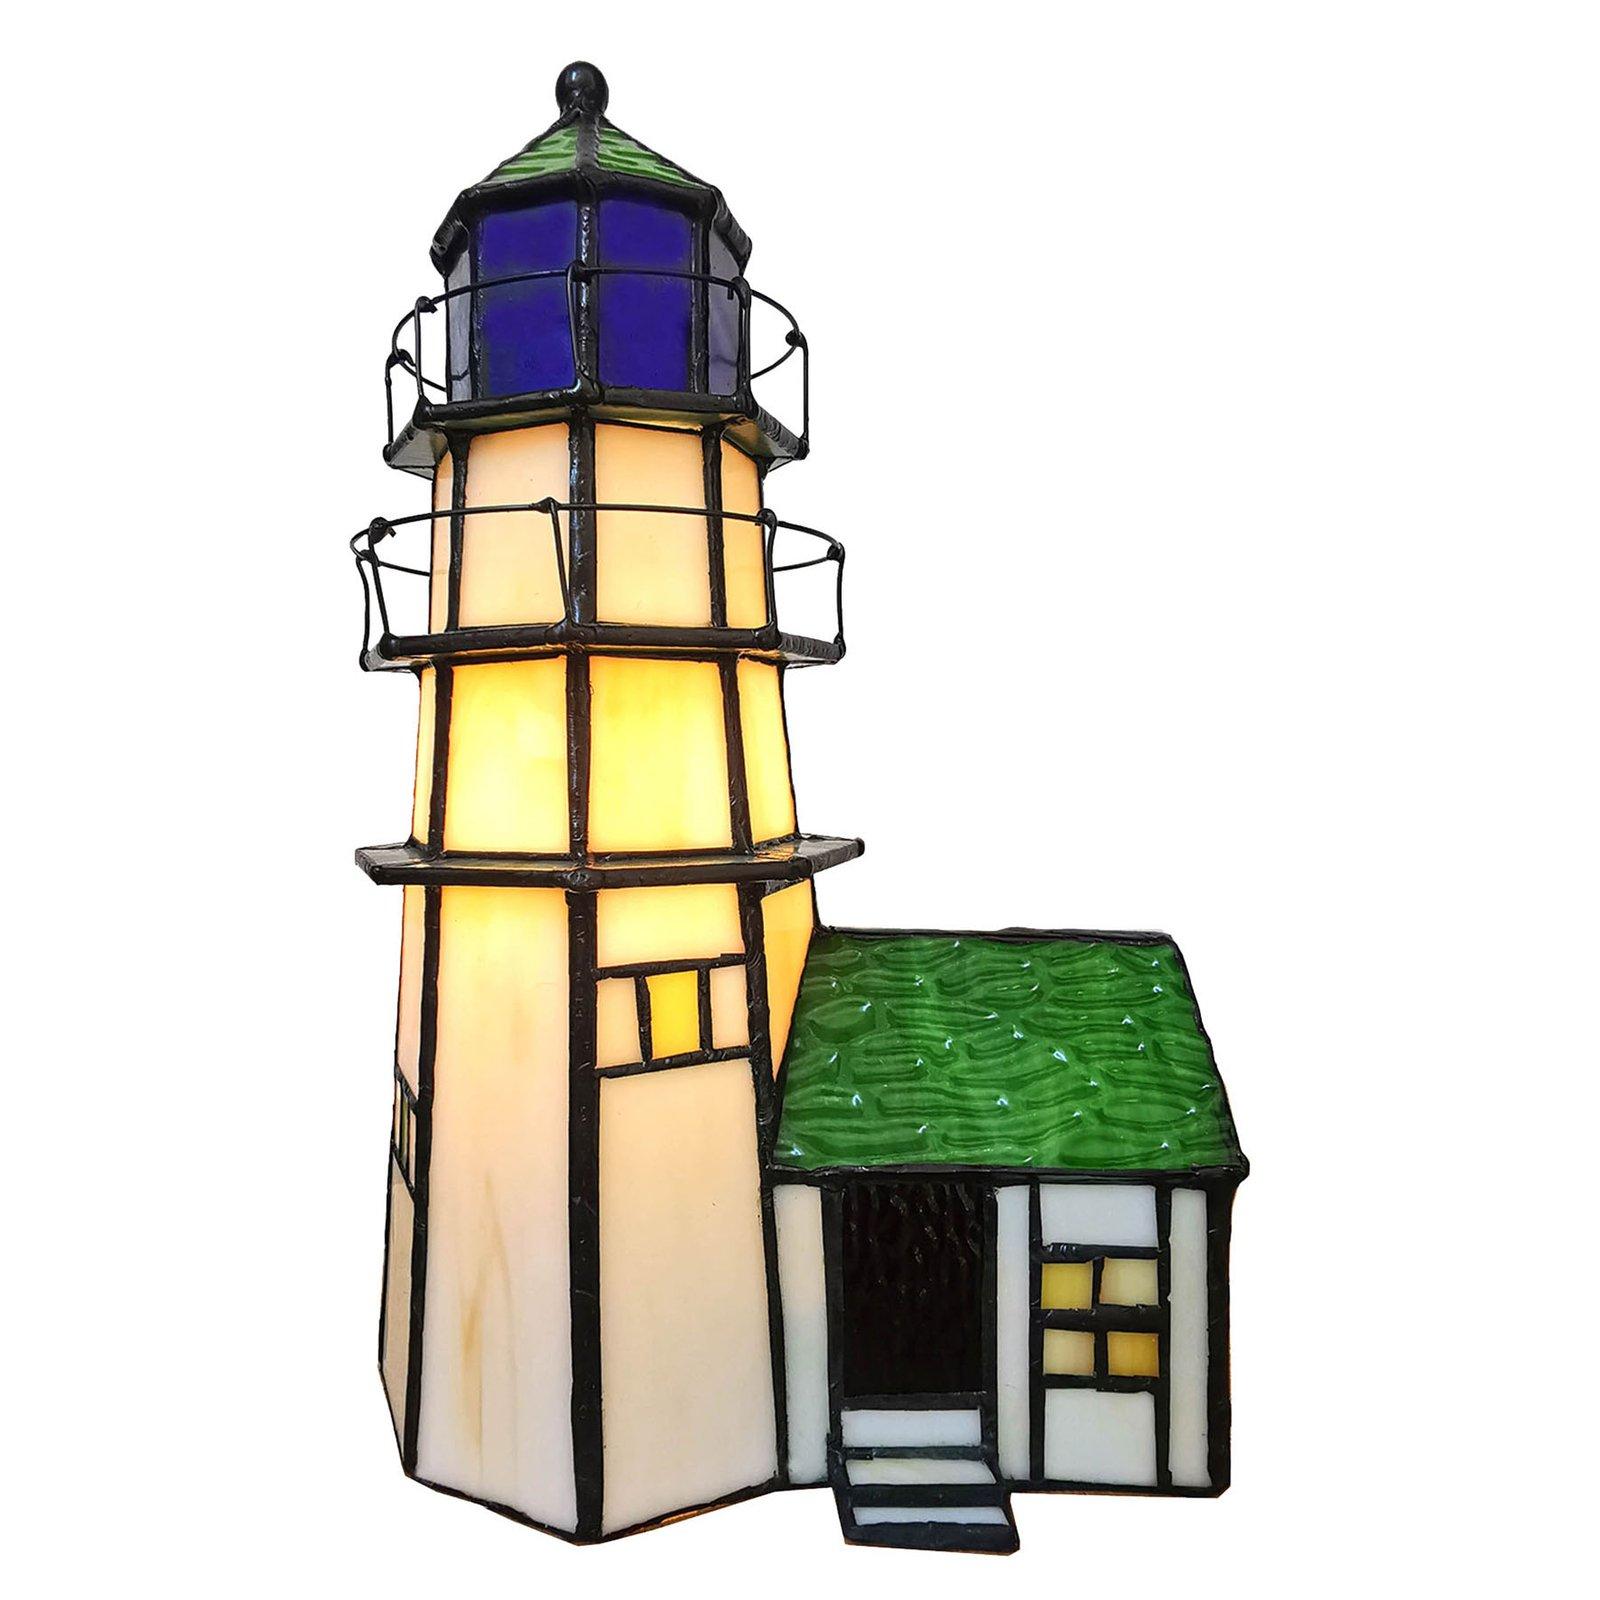 6007 bordlampe, fyrtårn med tilbygg, Tiffany-stil